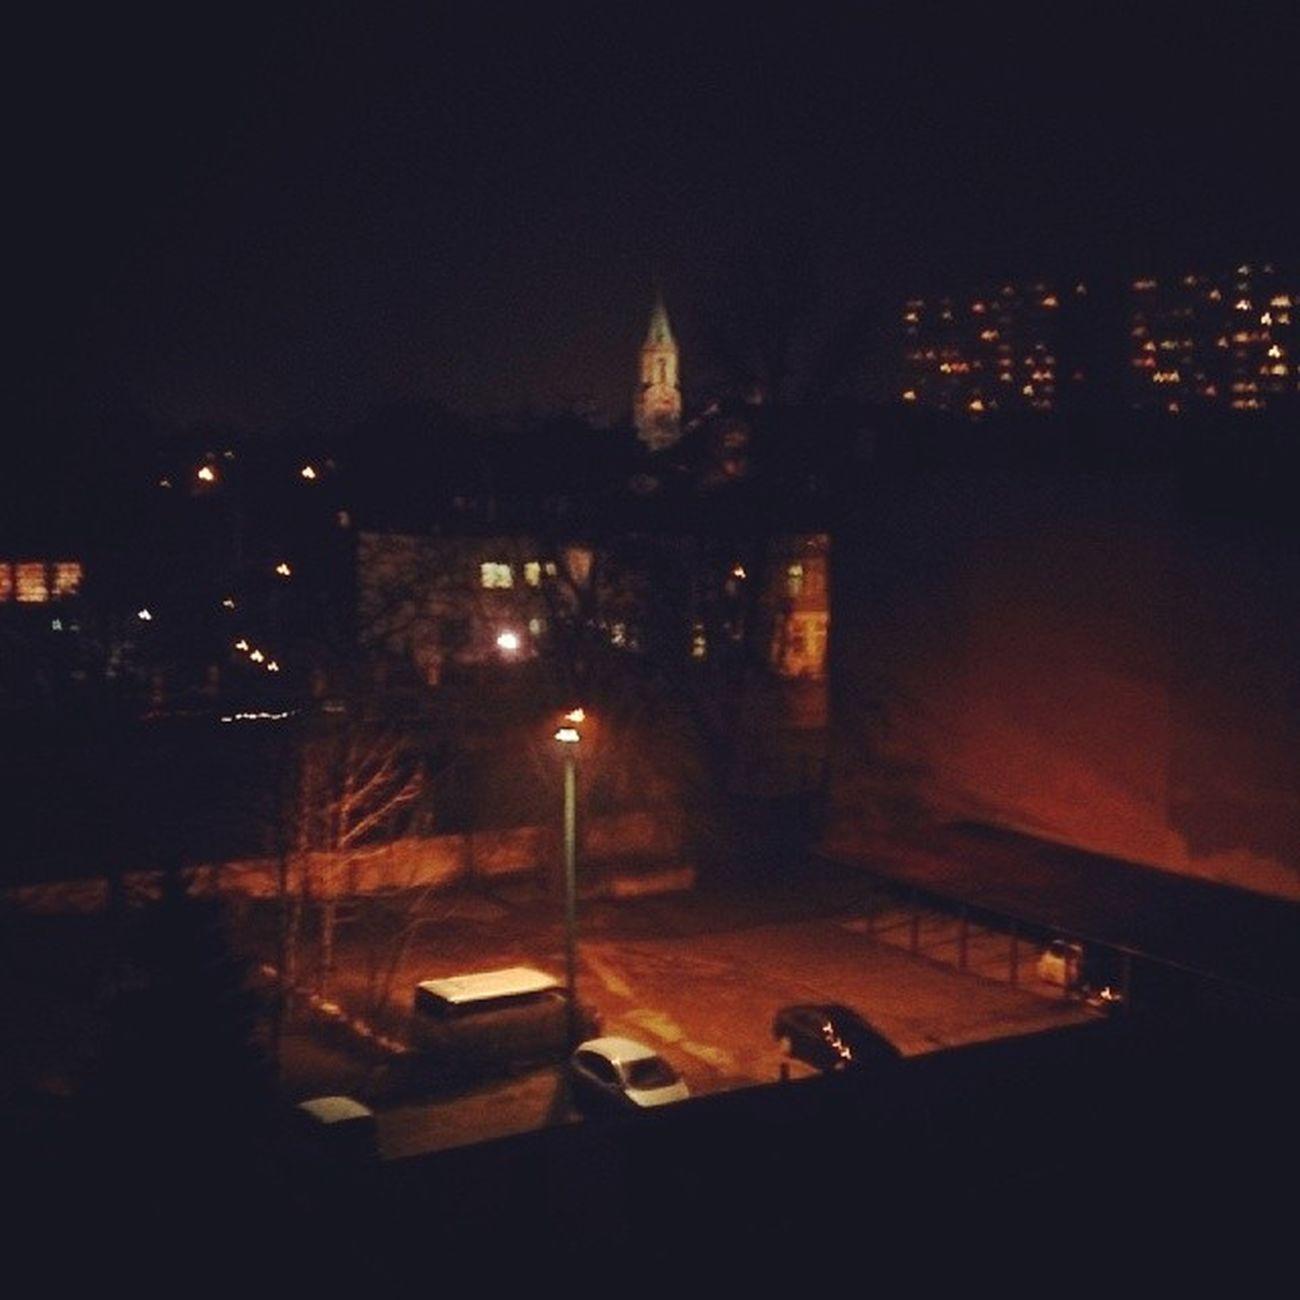 Chorzow Night Przeprowadzka Never say never...